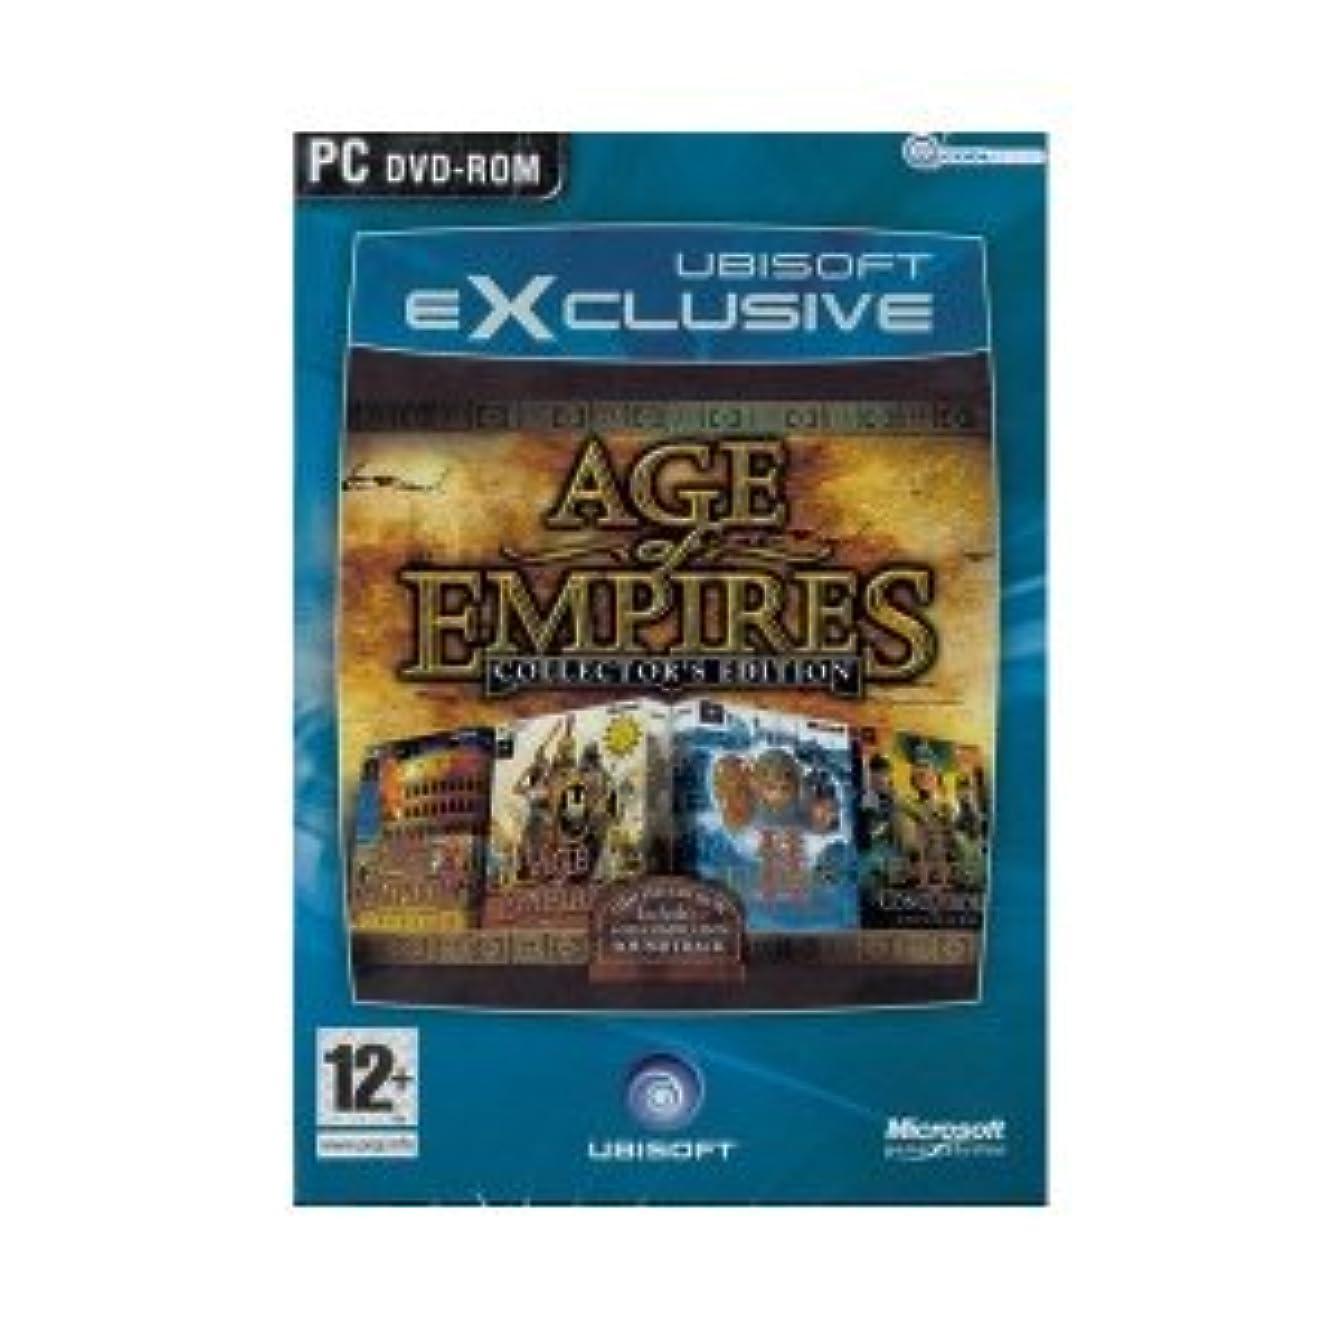 悪意ボード割り当てますage of empires collector's edition (PC) (輸入版)